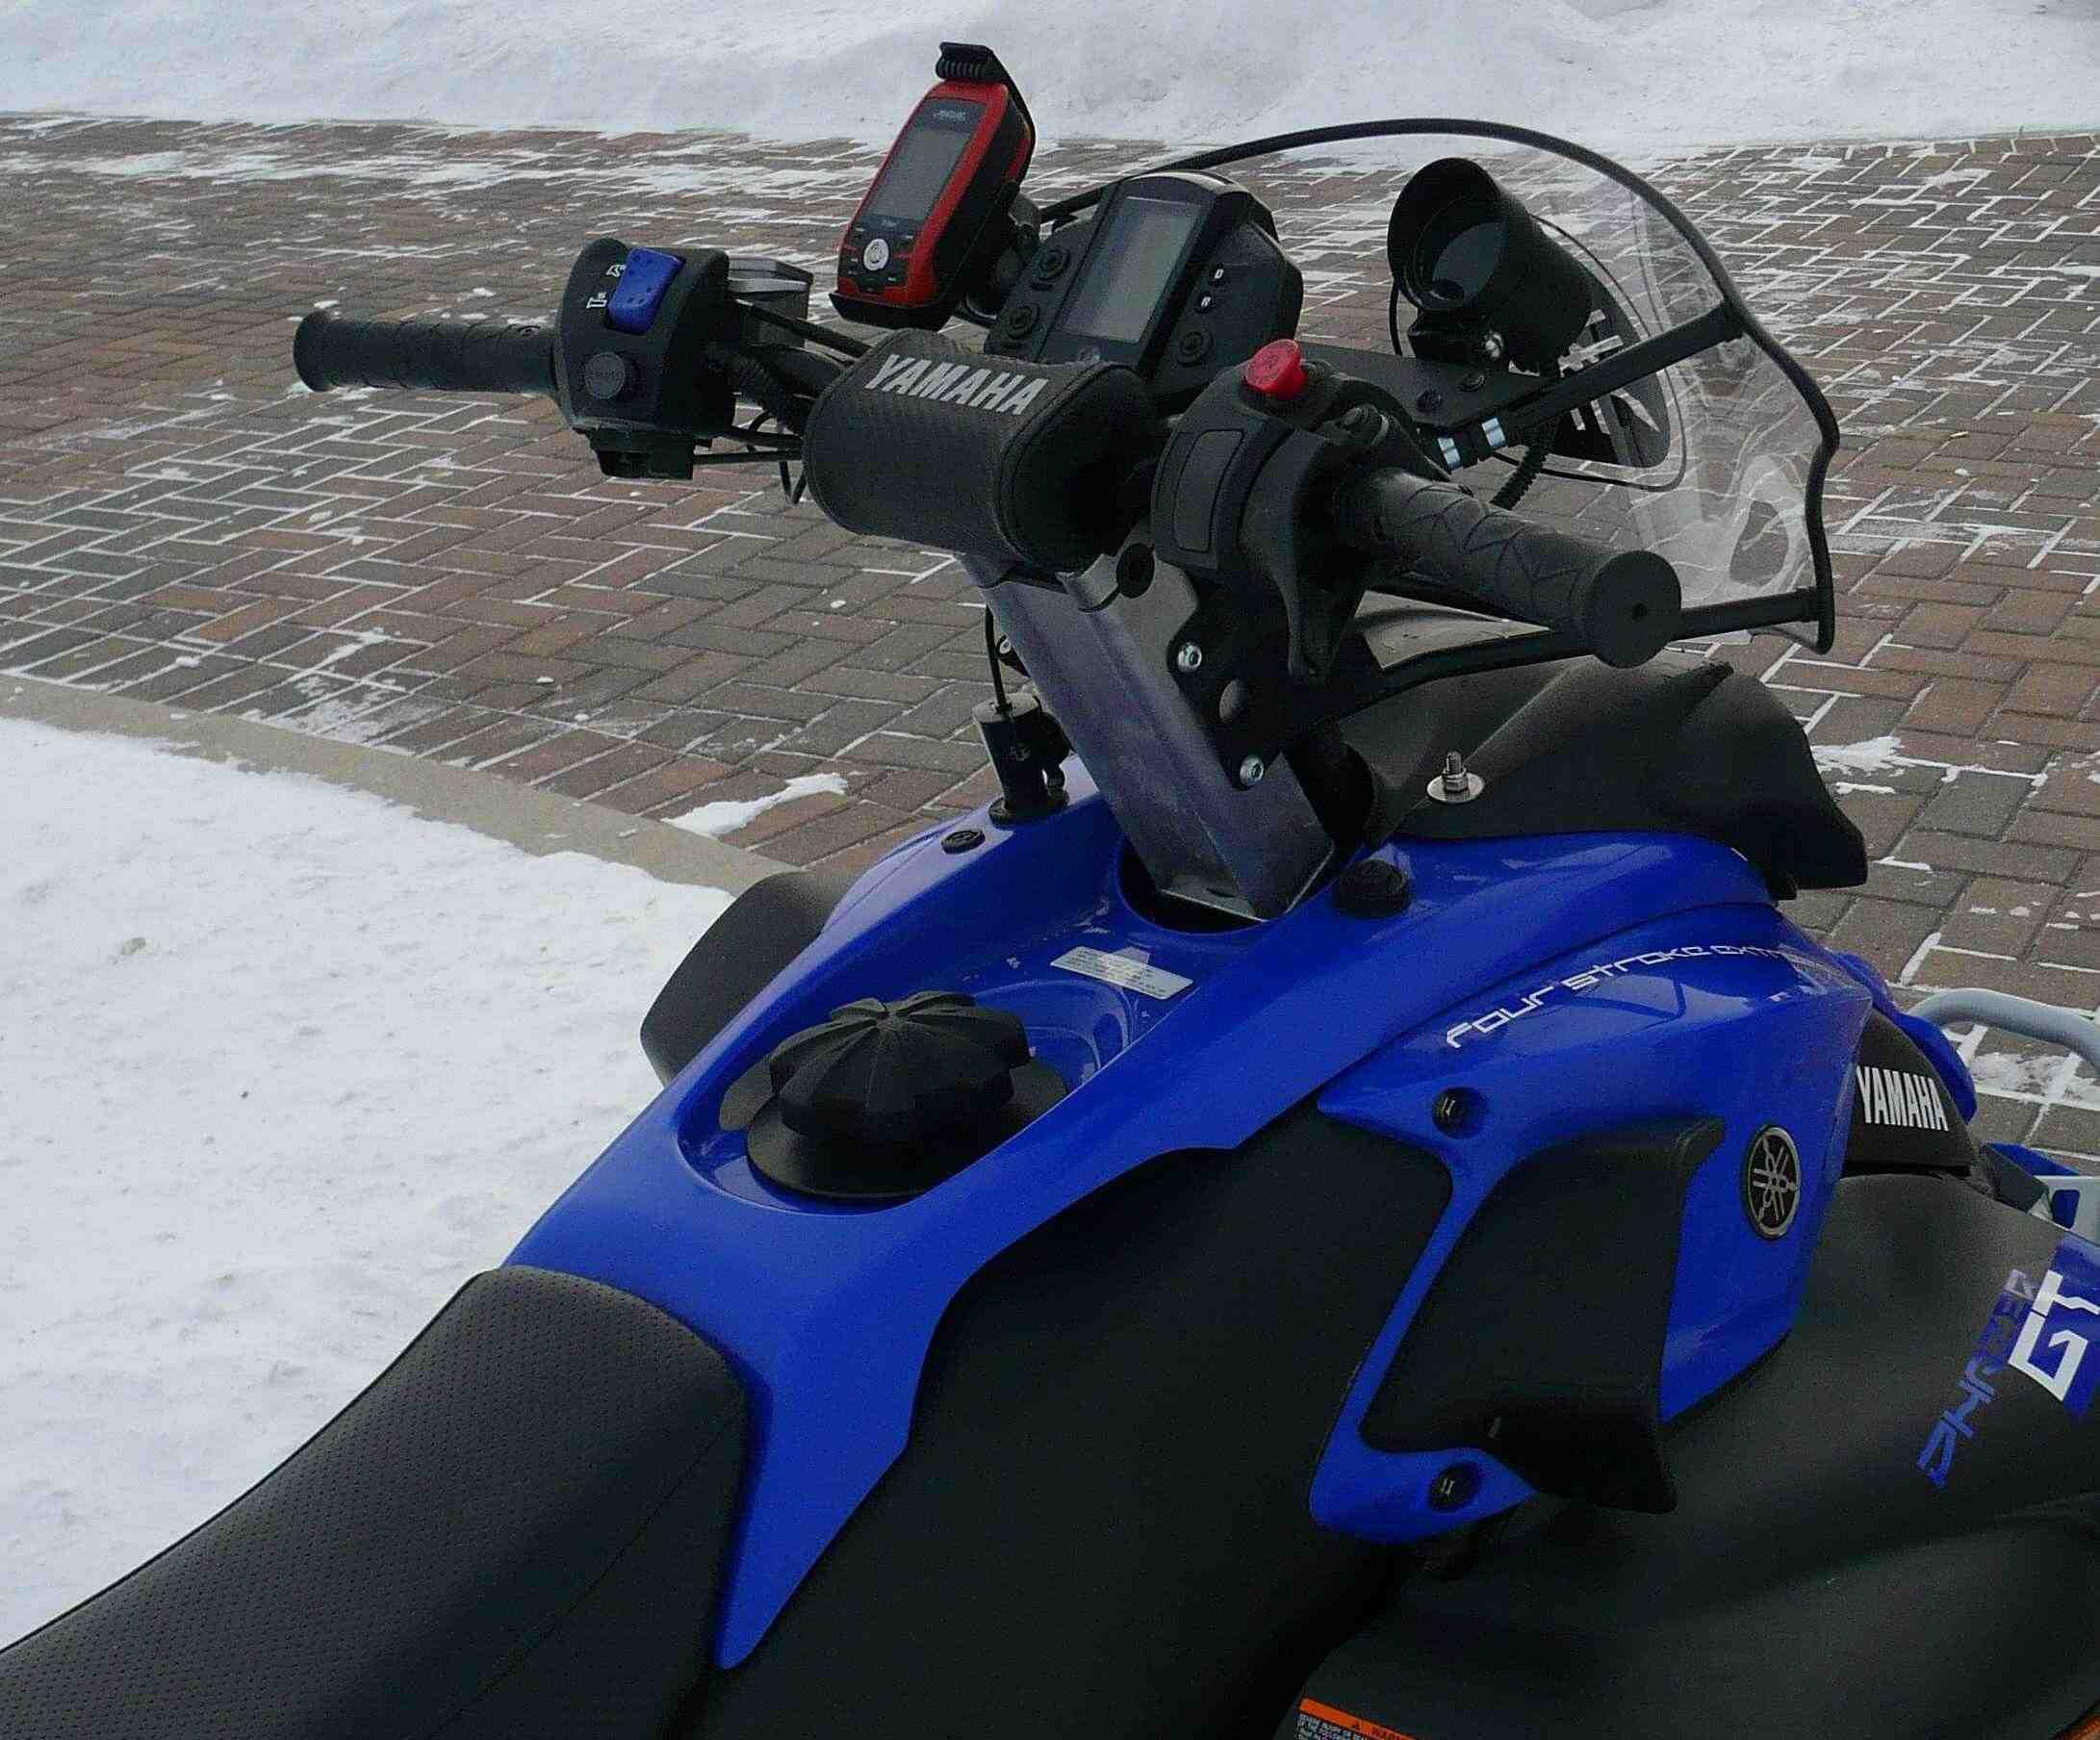 Skidoo Gps And Mount Photos Articles Yamaha 600 2011 Wiring Diagram Ram On 2007 Phazer